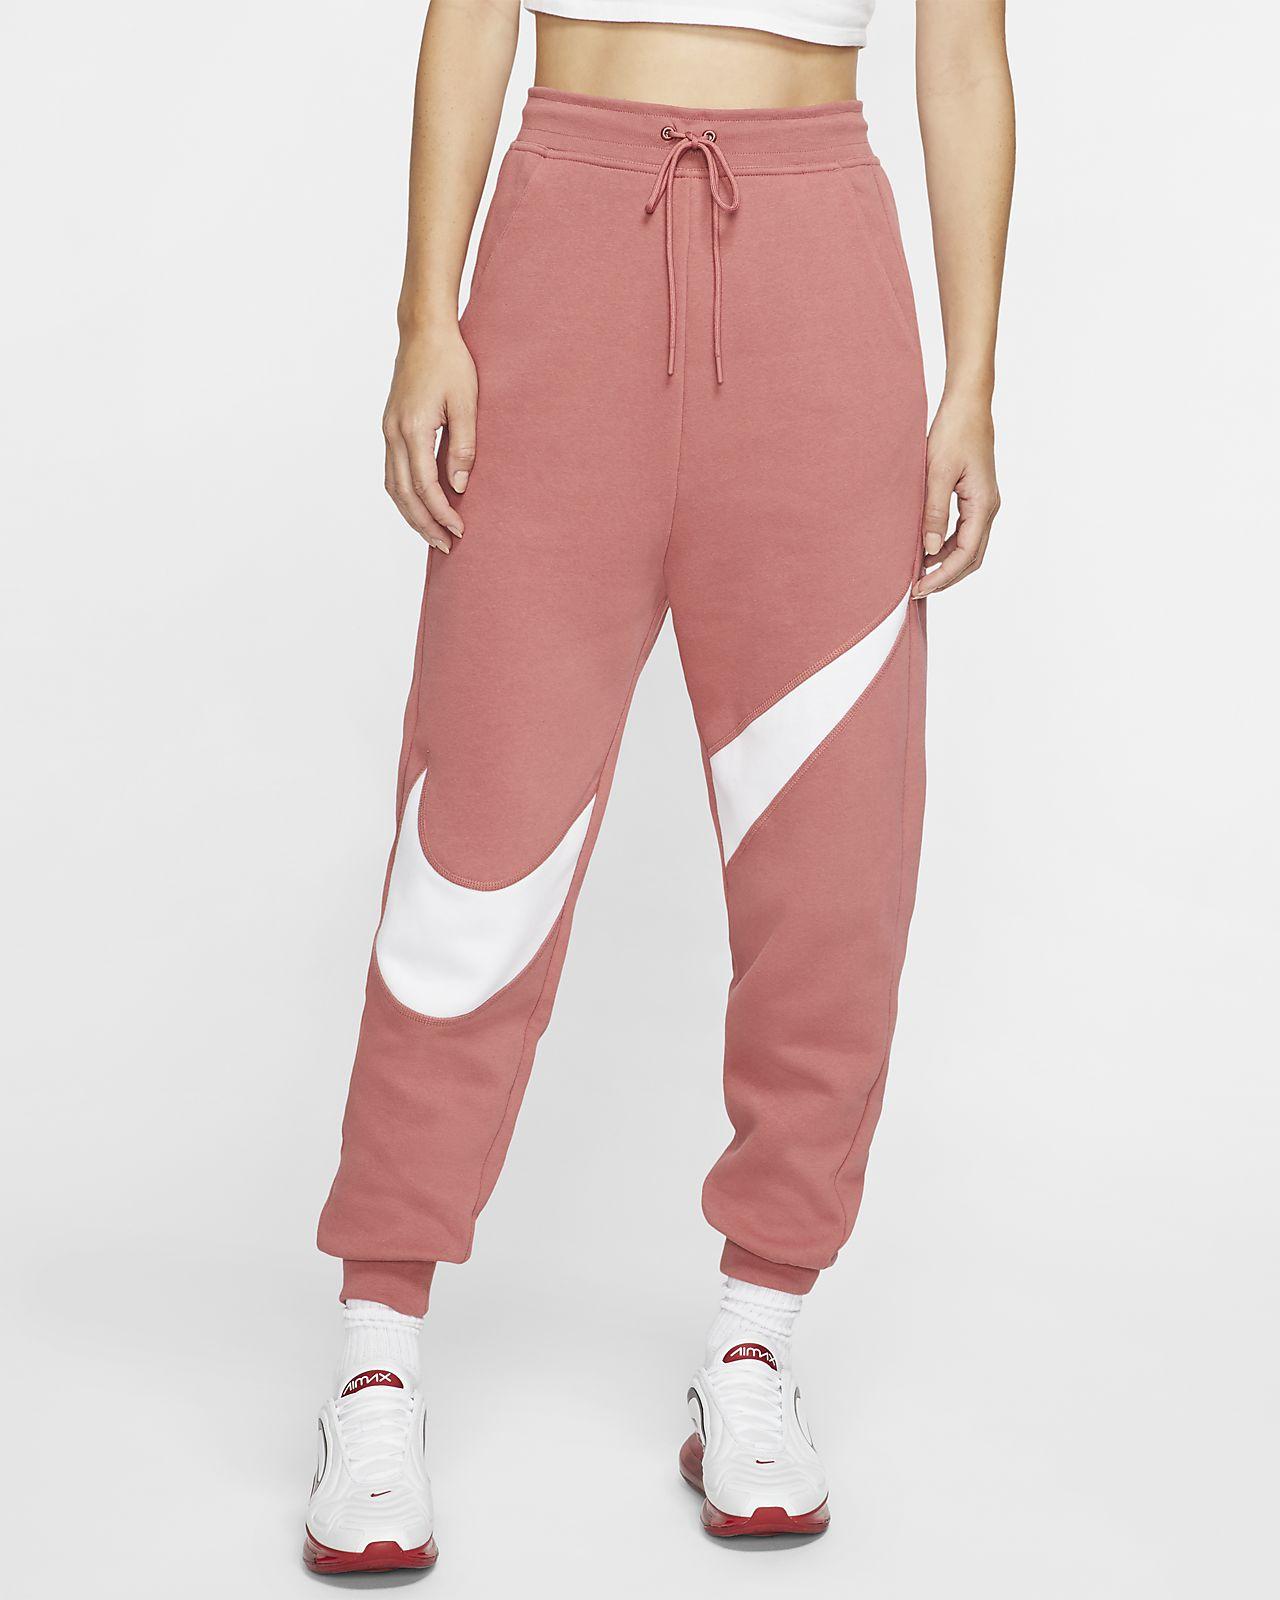 Nike Sportswear Swoosh Women's Fleece Trousers